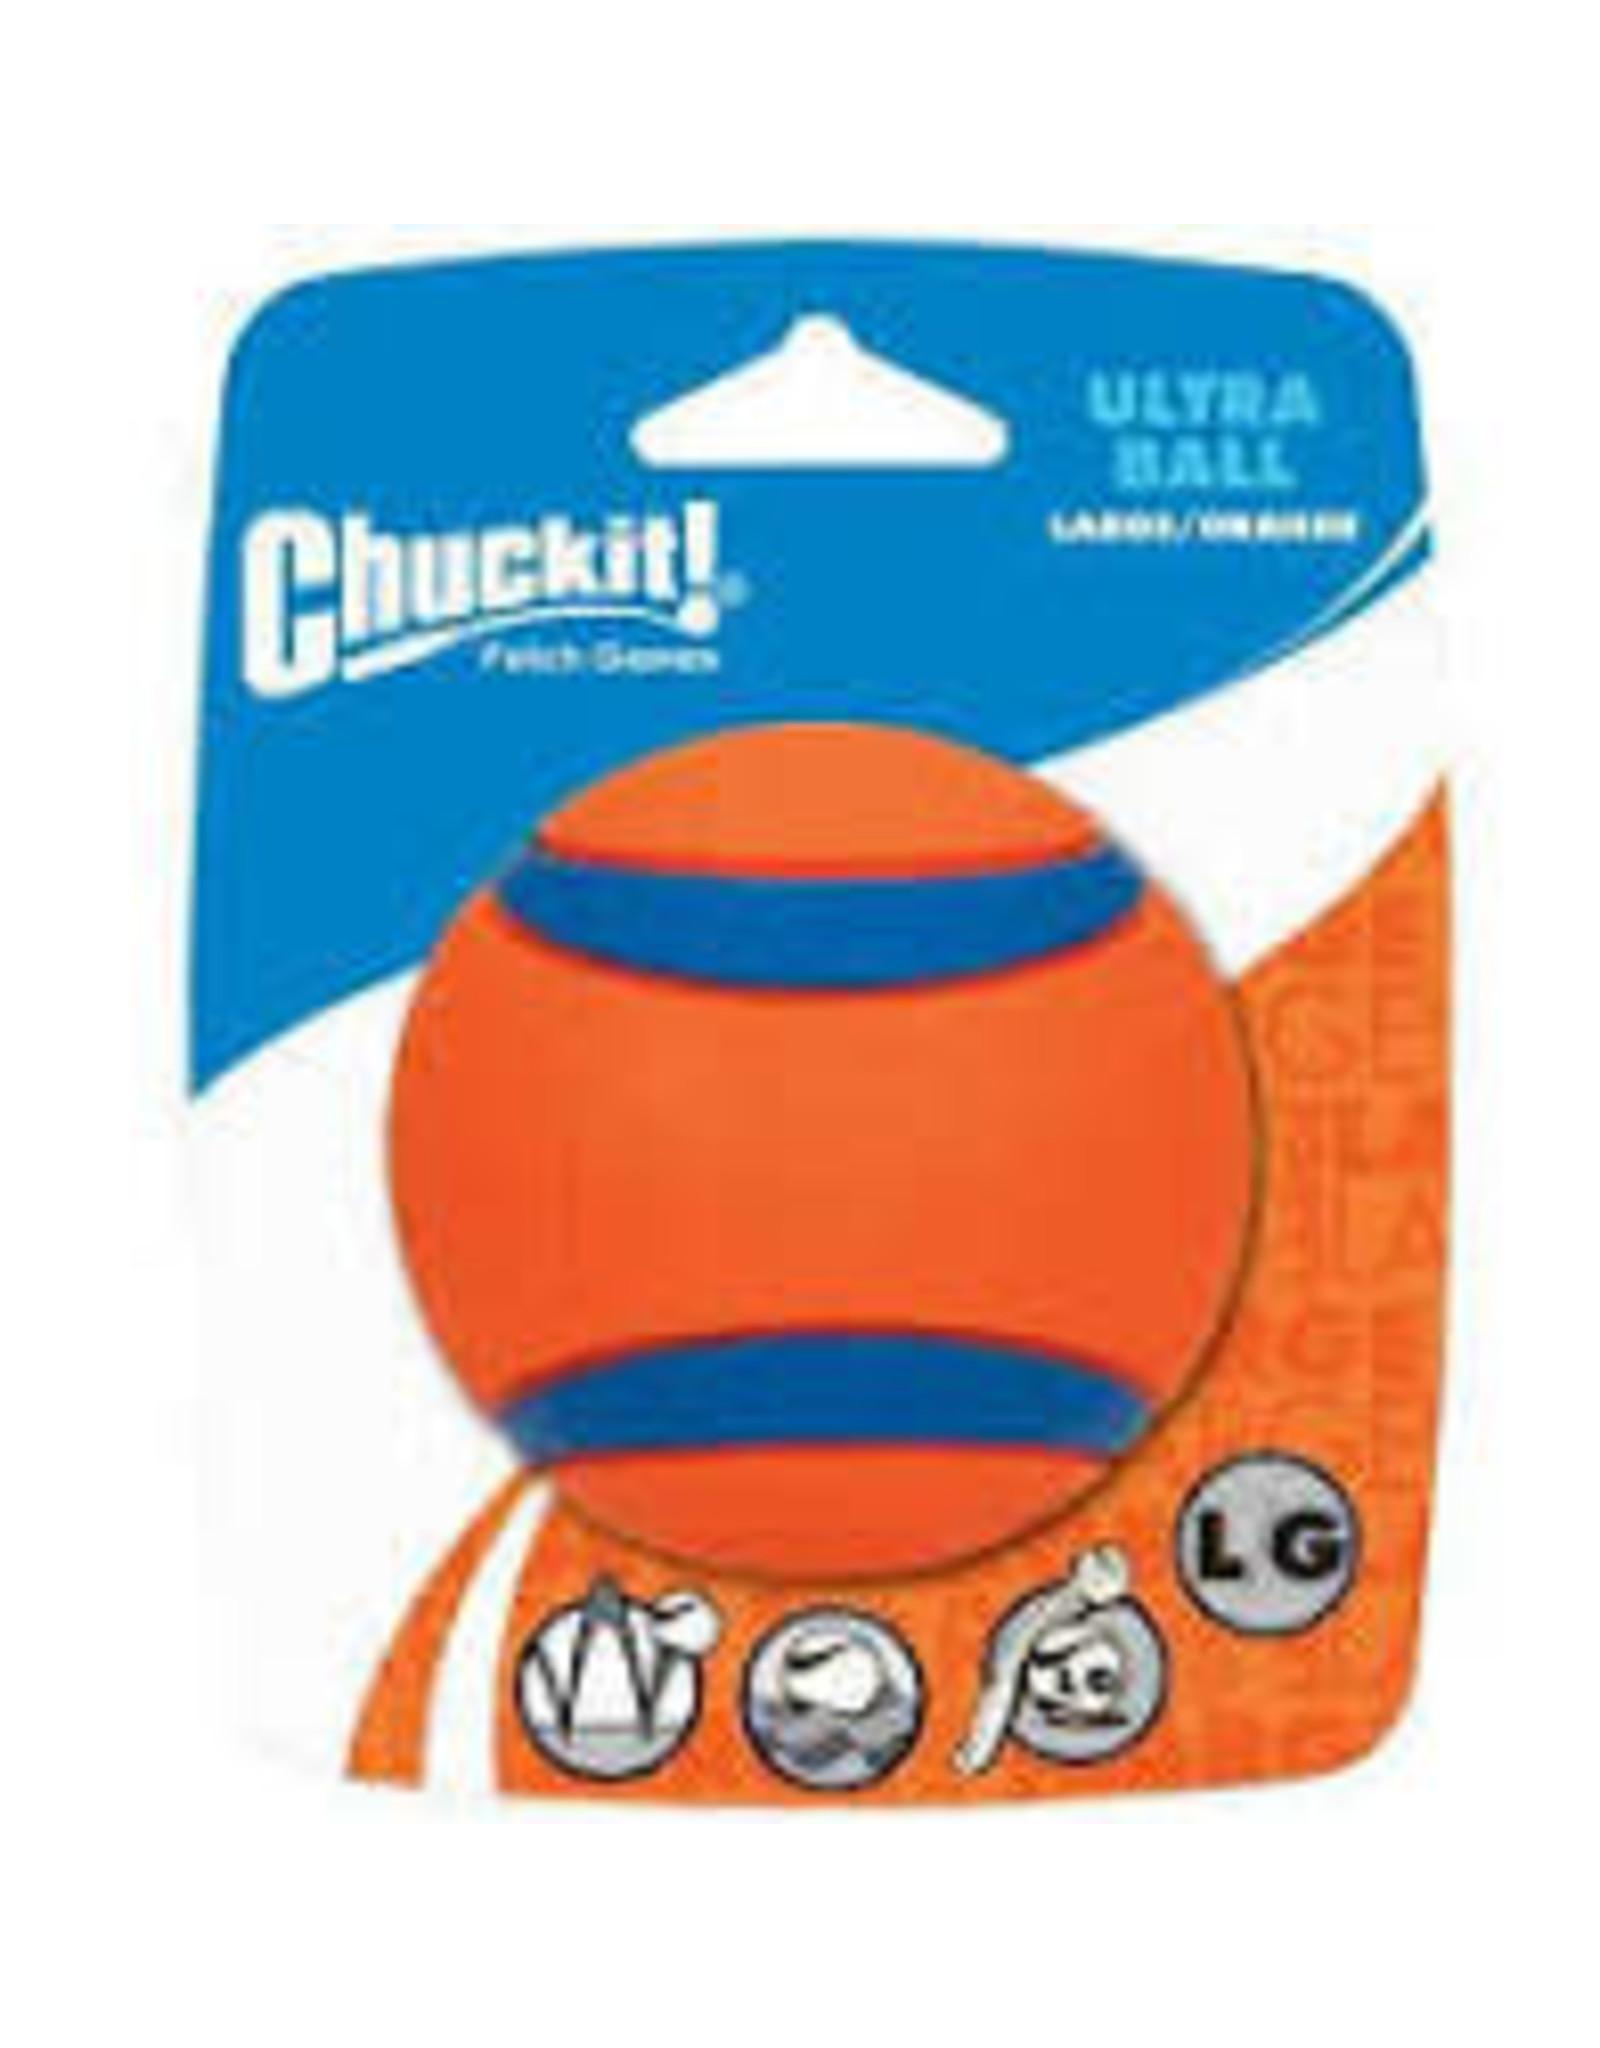 Chuck It! Chuck It! - Ultra Ball (Floats)